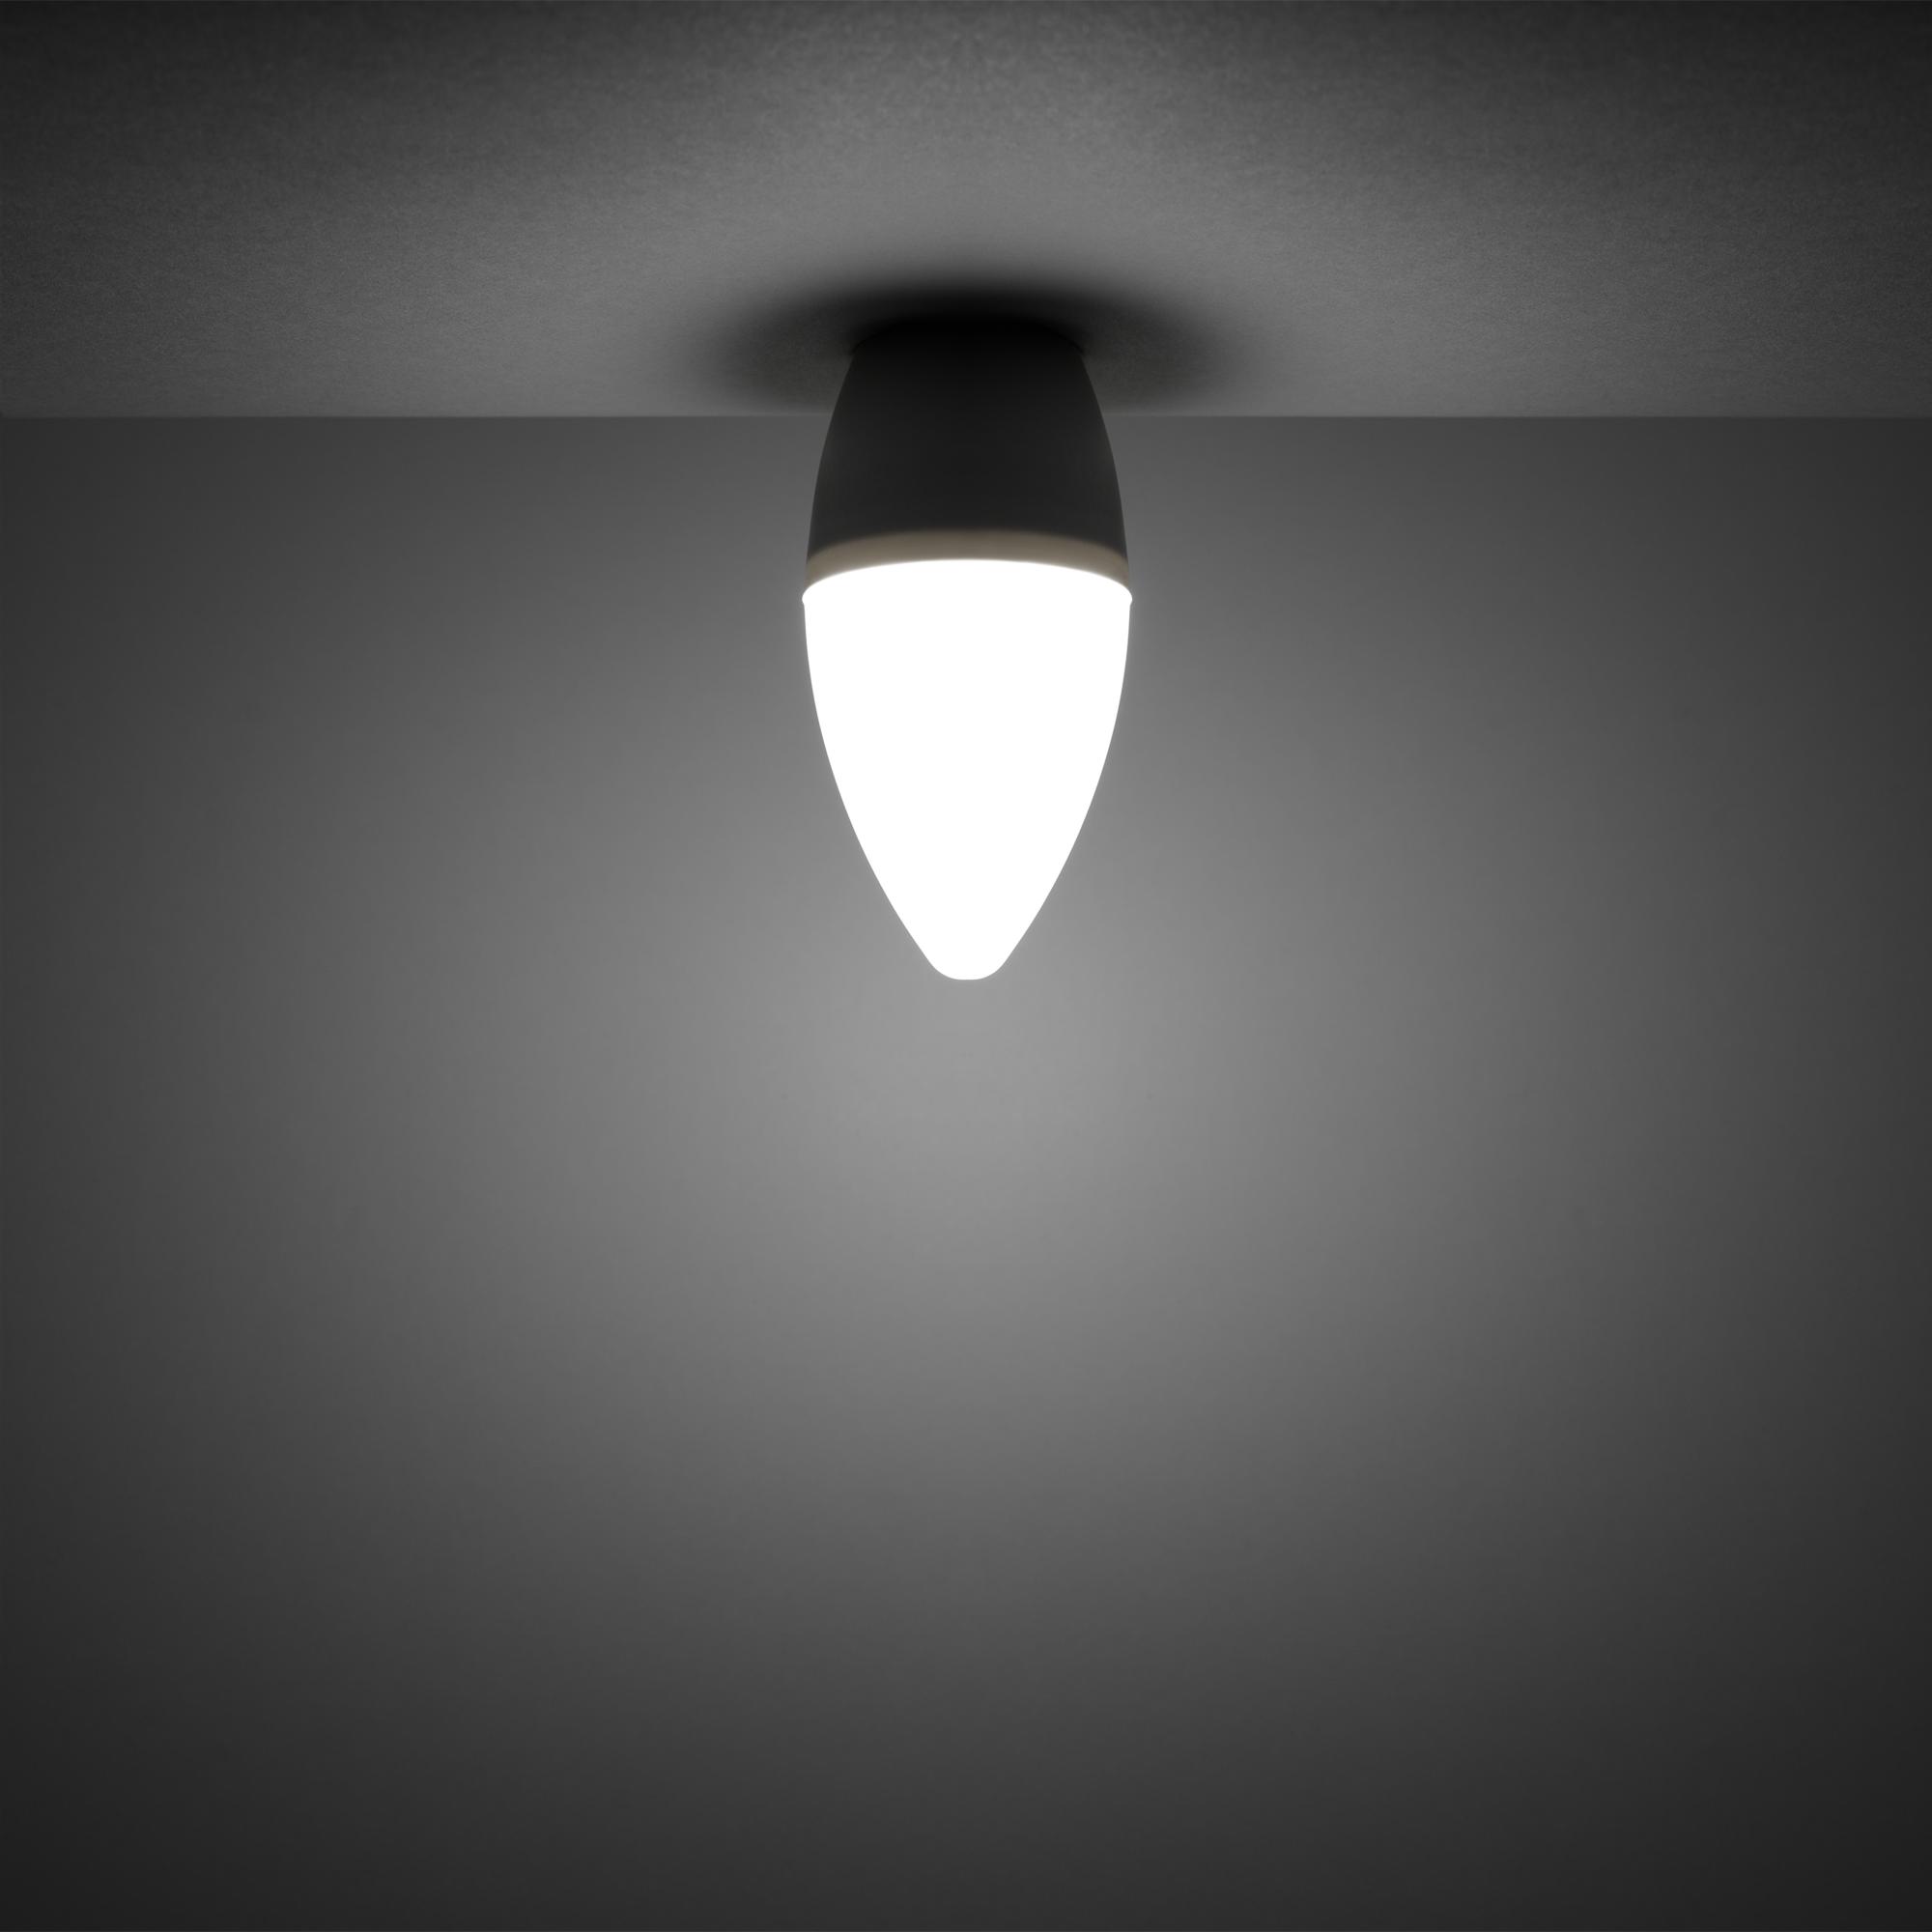 Лампа светодиодная Gauss E14 220-240 В 6 Вт свеча матовая 440 лм регулируемый цвет света RGBW